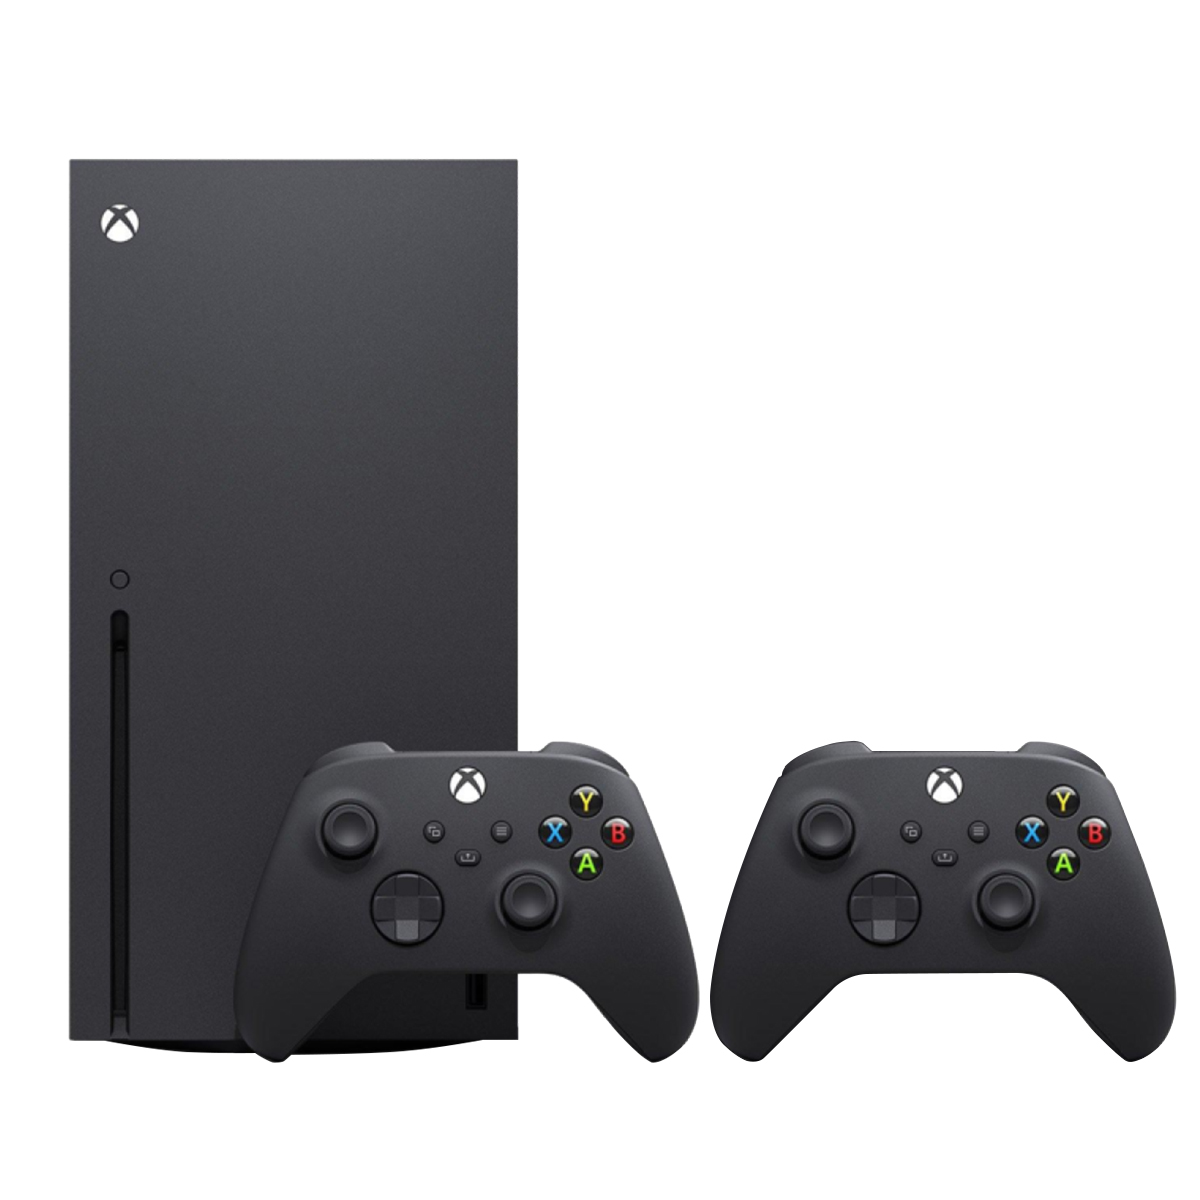 مجموعه کنسول بازی مایکروسافت مدل Xbox Series X ظرفیت 1 ترابایت